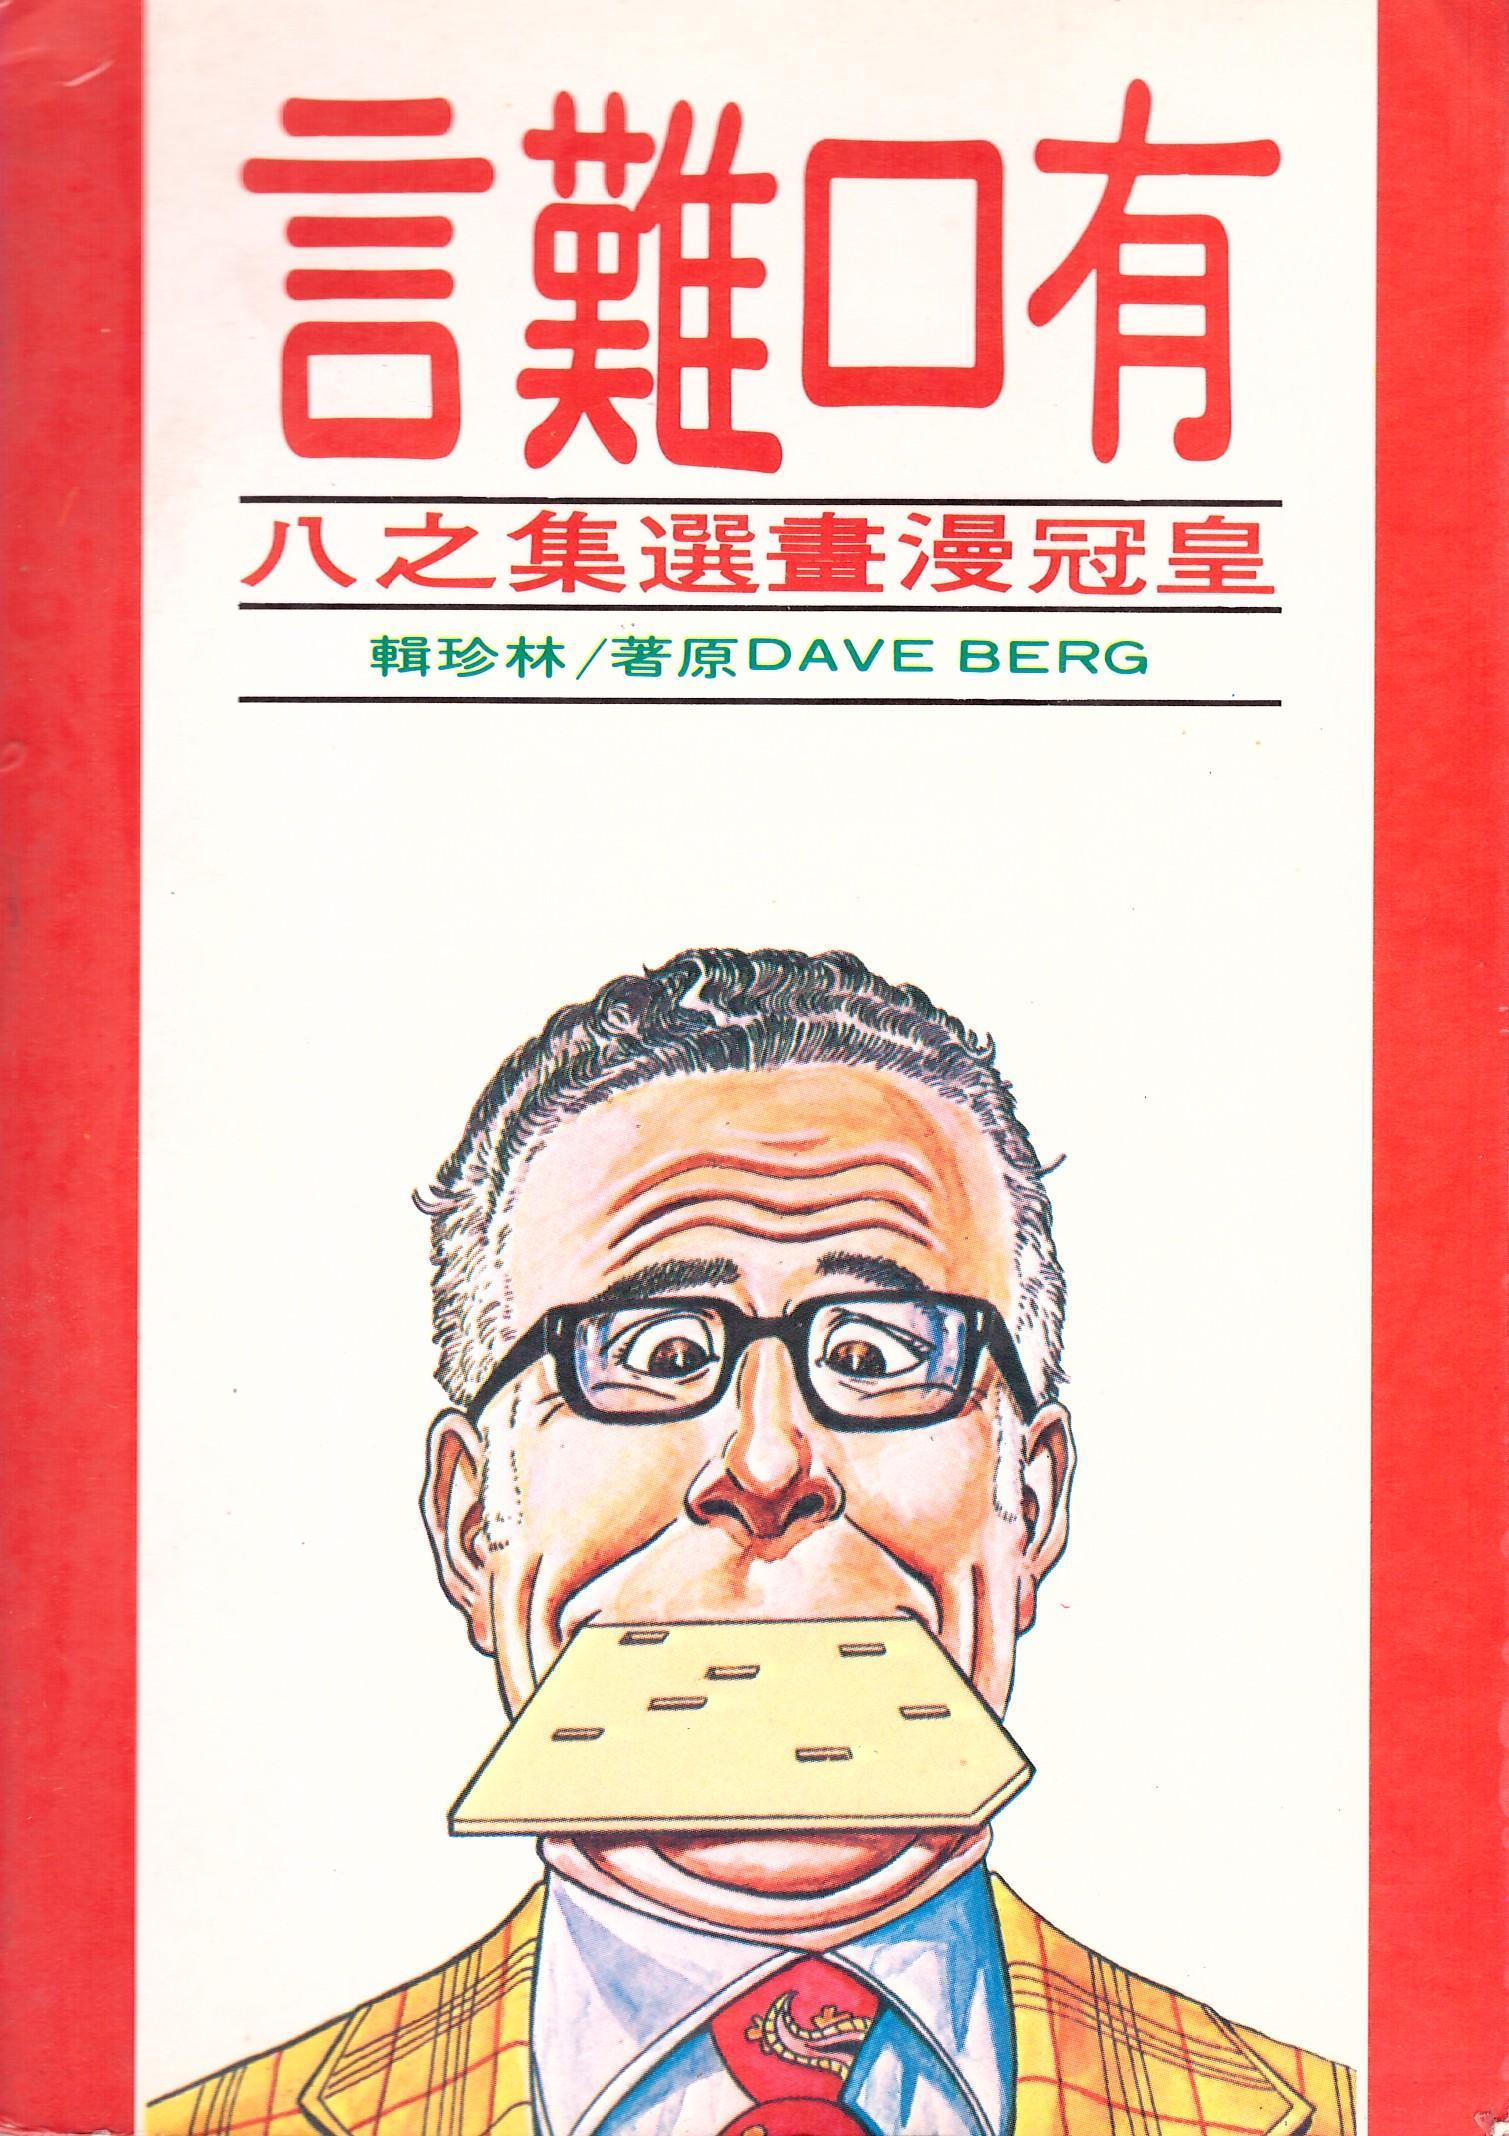 Dave Berg looks at Modern Thinking #8 • Taiwan